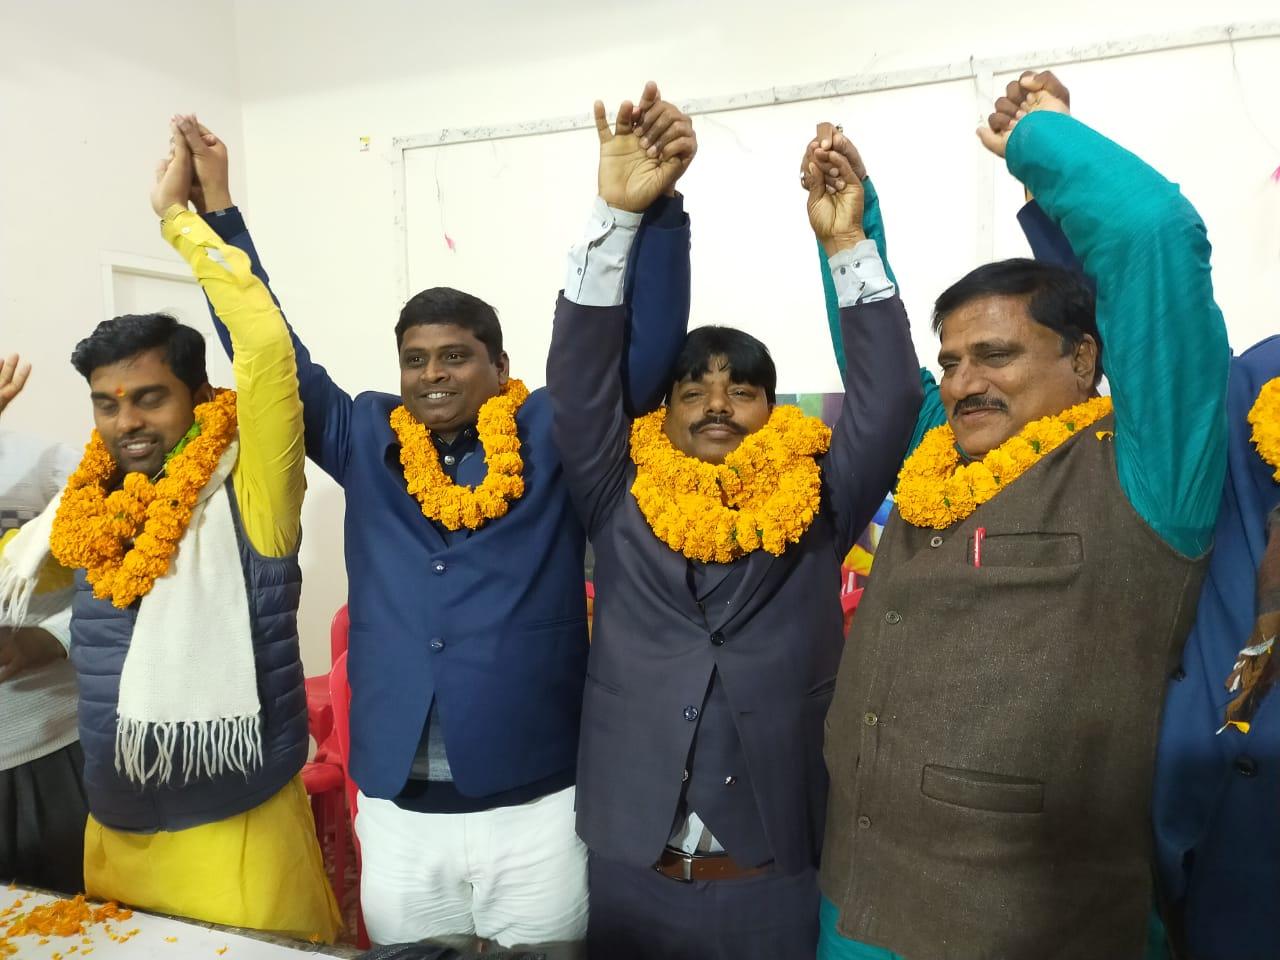 अखिल भारतवर्षीय चंद्रवंशी क्षत्रिय महासभा के प्रदेश महामंत्री बनें राजेश राज